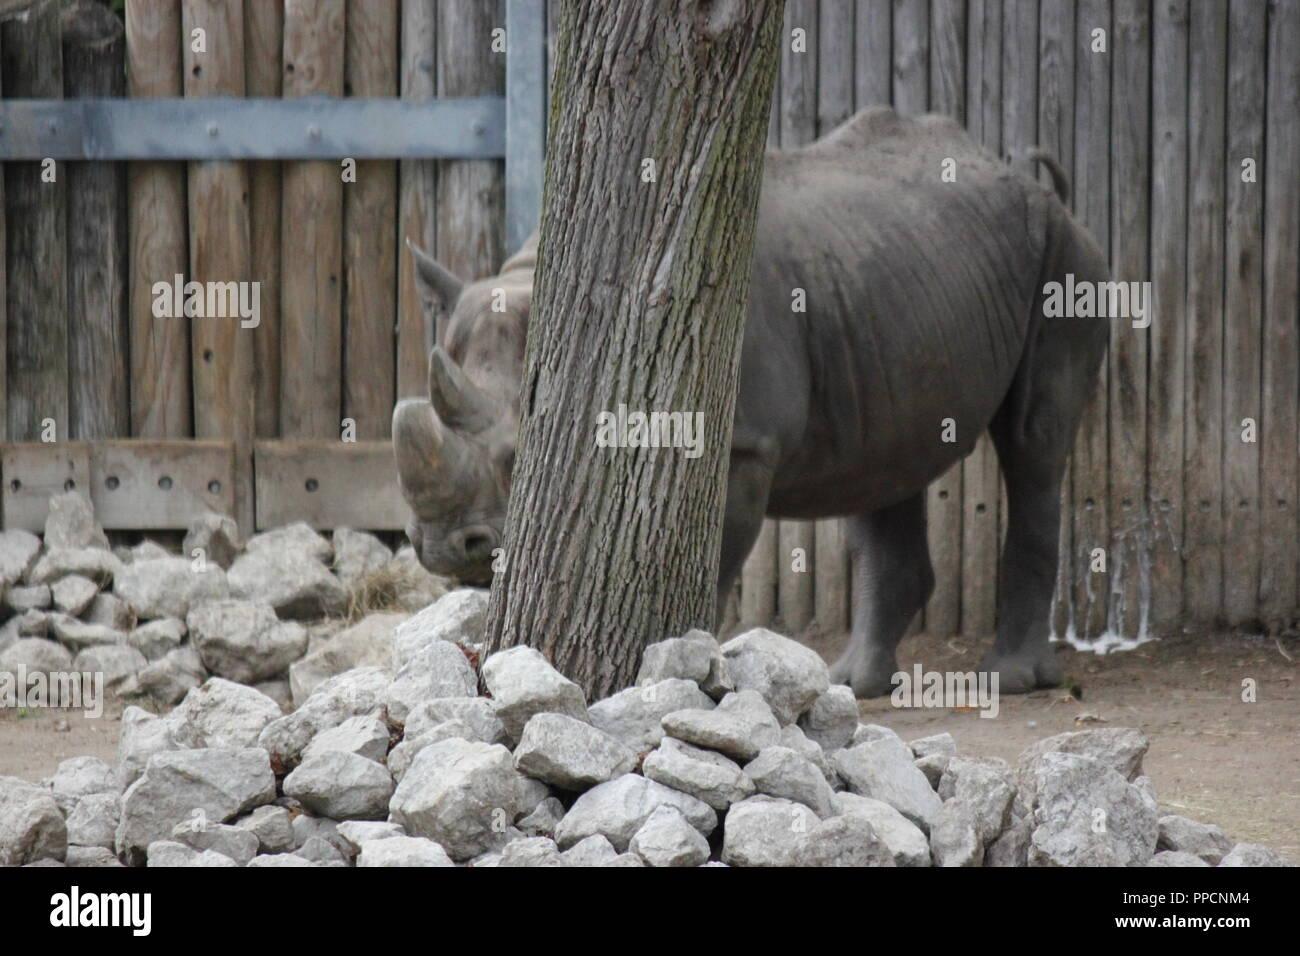 Rhinocéros noir en voie de disparition, Diceros bicornis, sa timidité et de se cacher derrière un arbre de Lincoln Park à Chicago sur une journée d'automne ensoleillée, D. bicornis. Banque D'Images